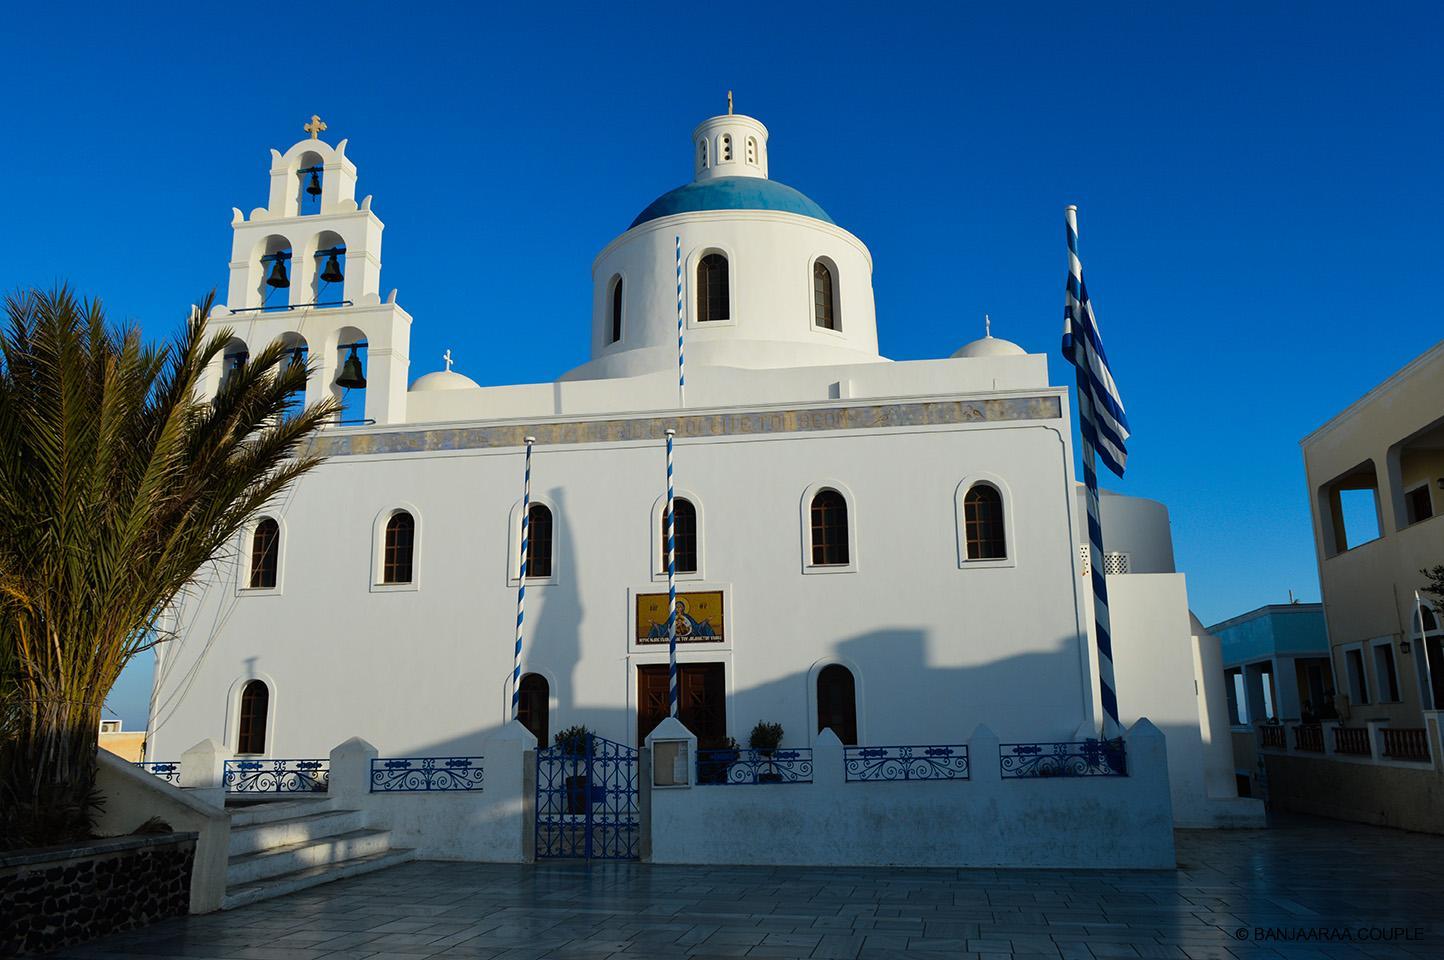 A Church in Oia, Santorini